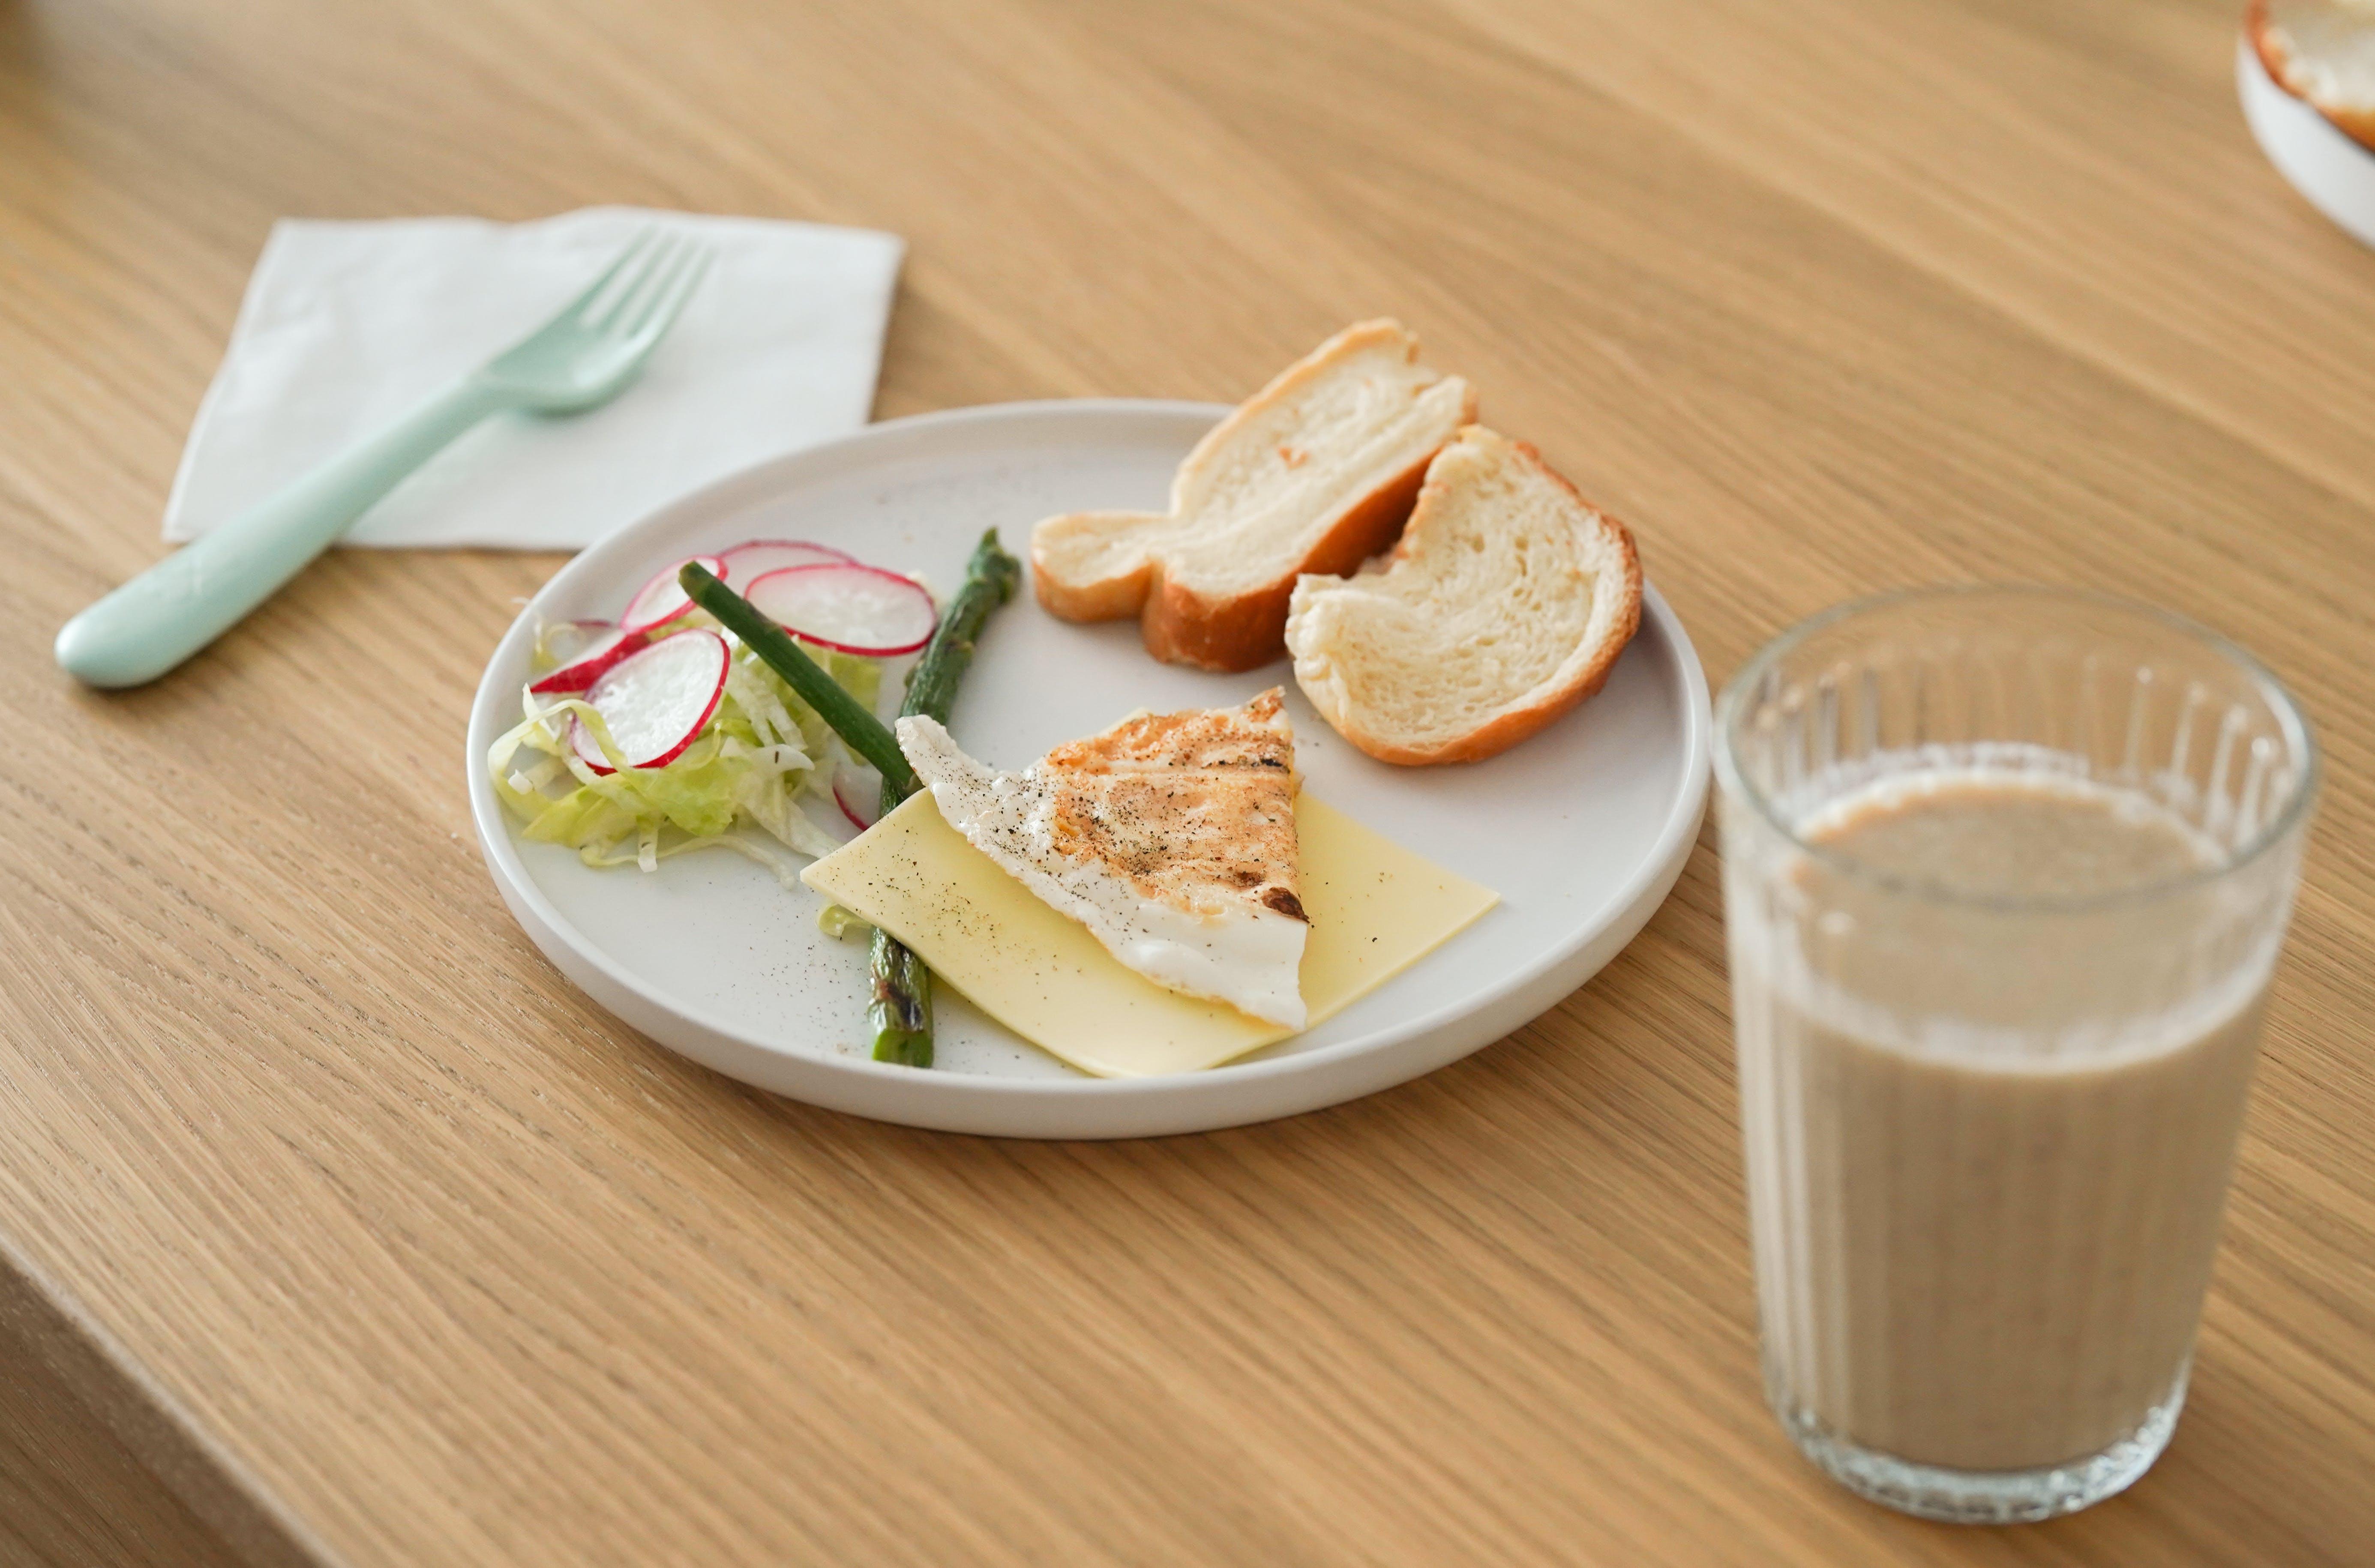 bağımlılık, beslenme, ekmek, ev yapımı içeren Ücretsiz stok fotoğraf